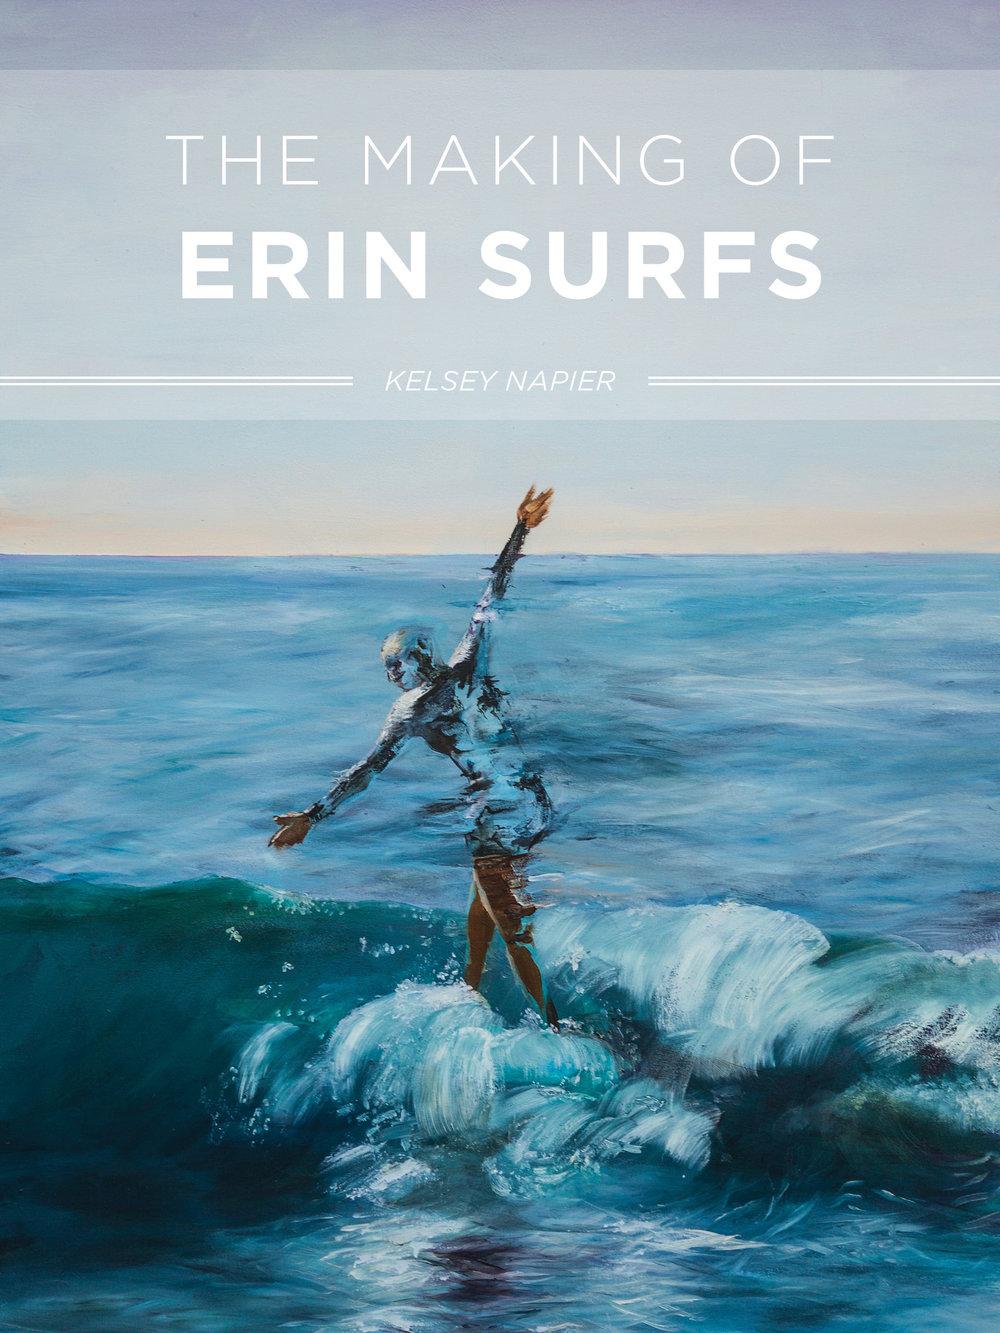 kelsey_napier_making_of_erin_surfs_0.jpg